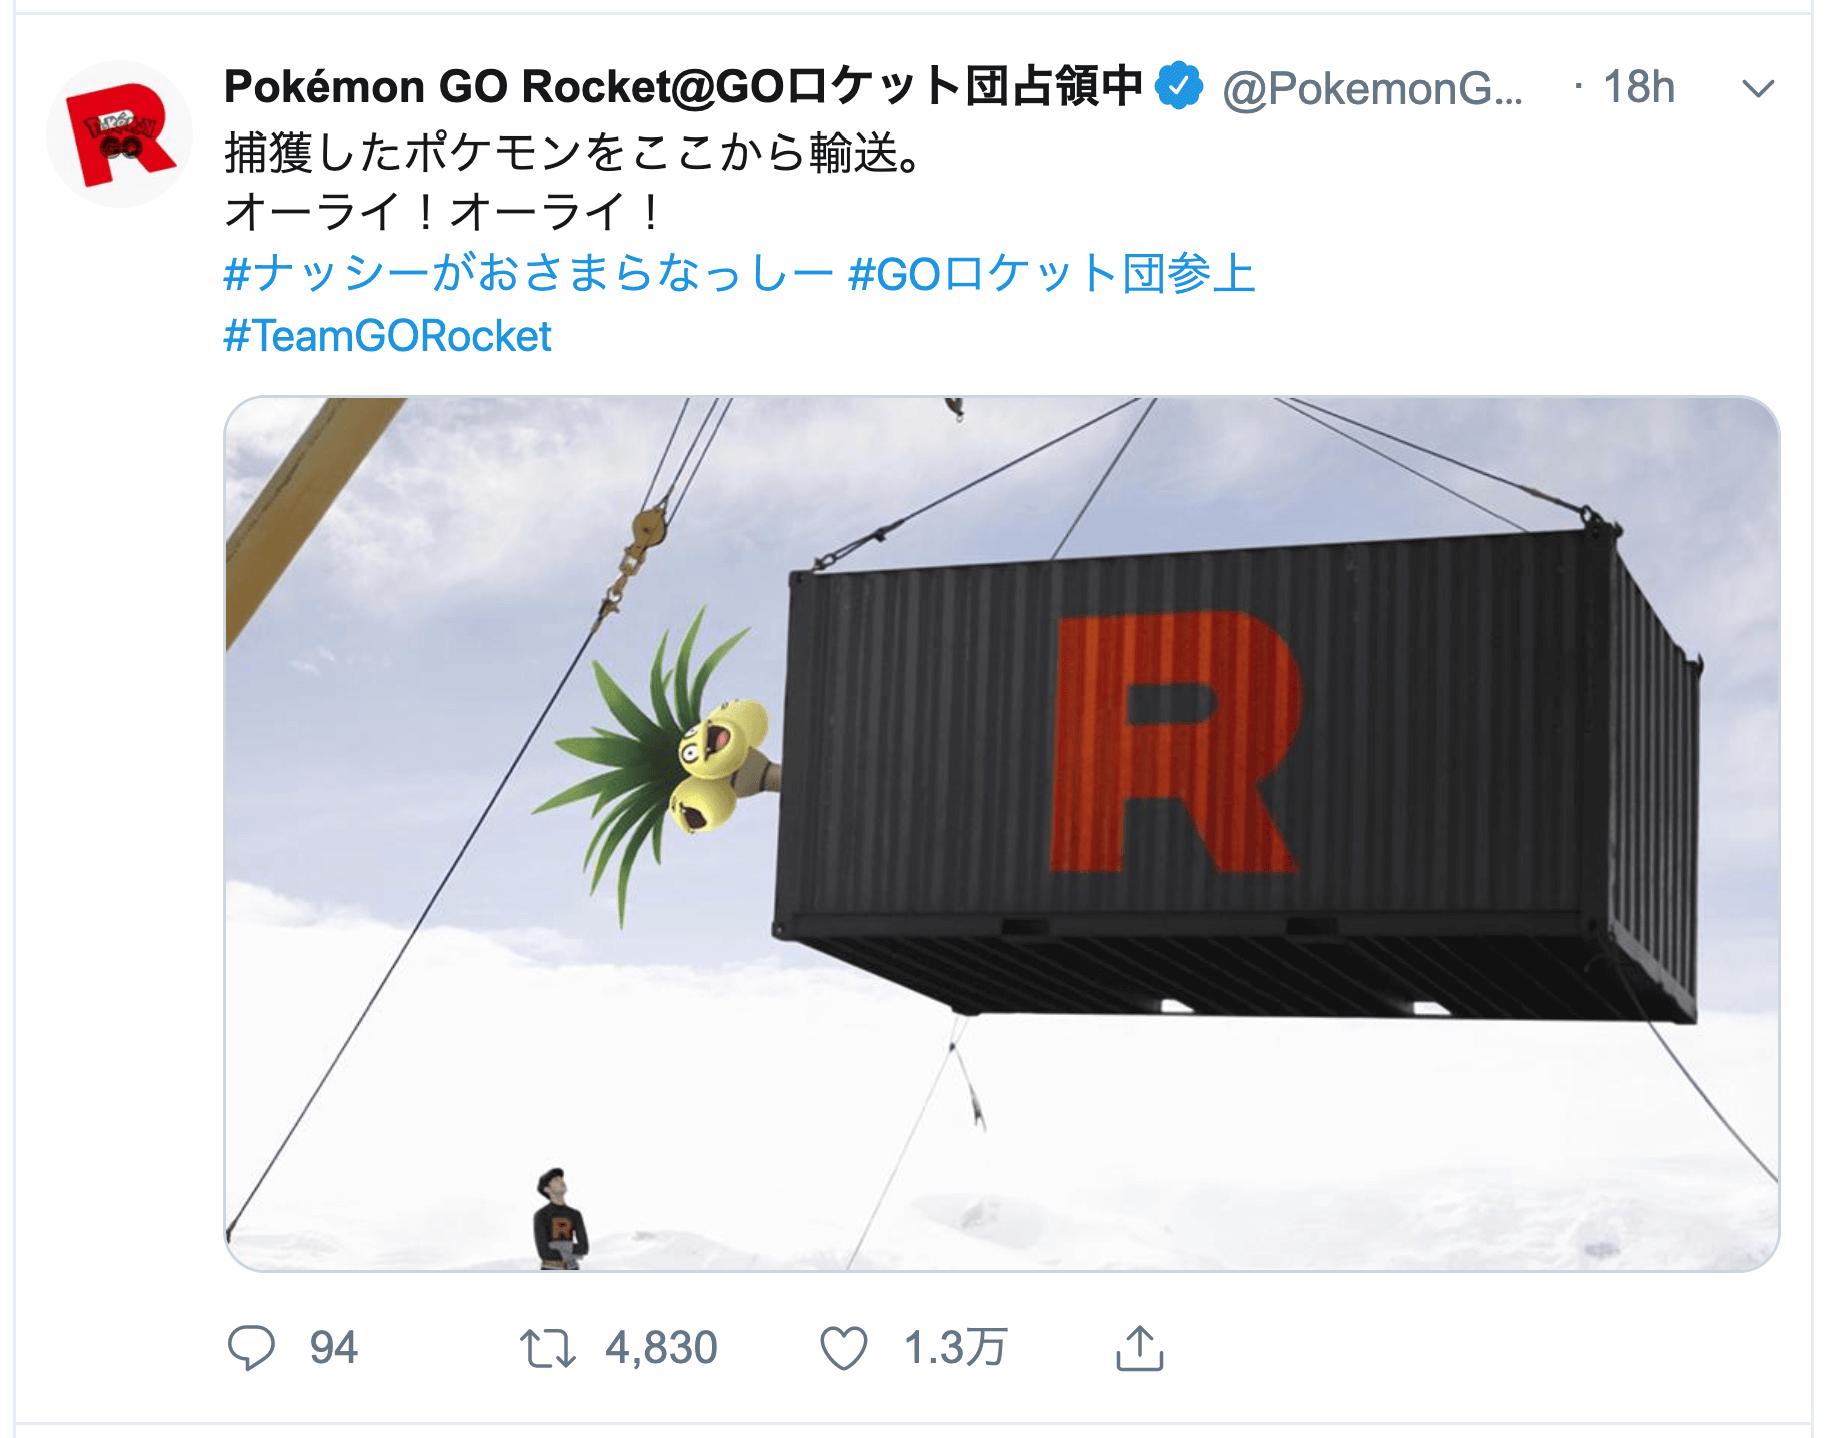 ツイート Pokémon GO ロケット団